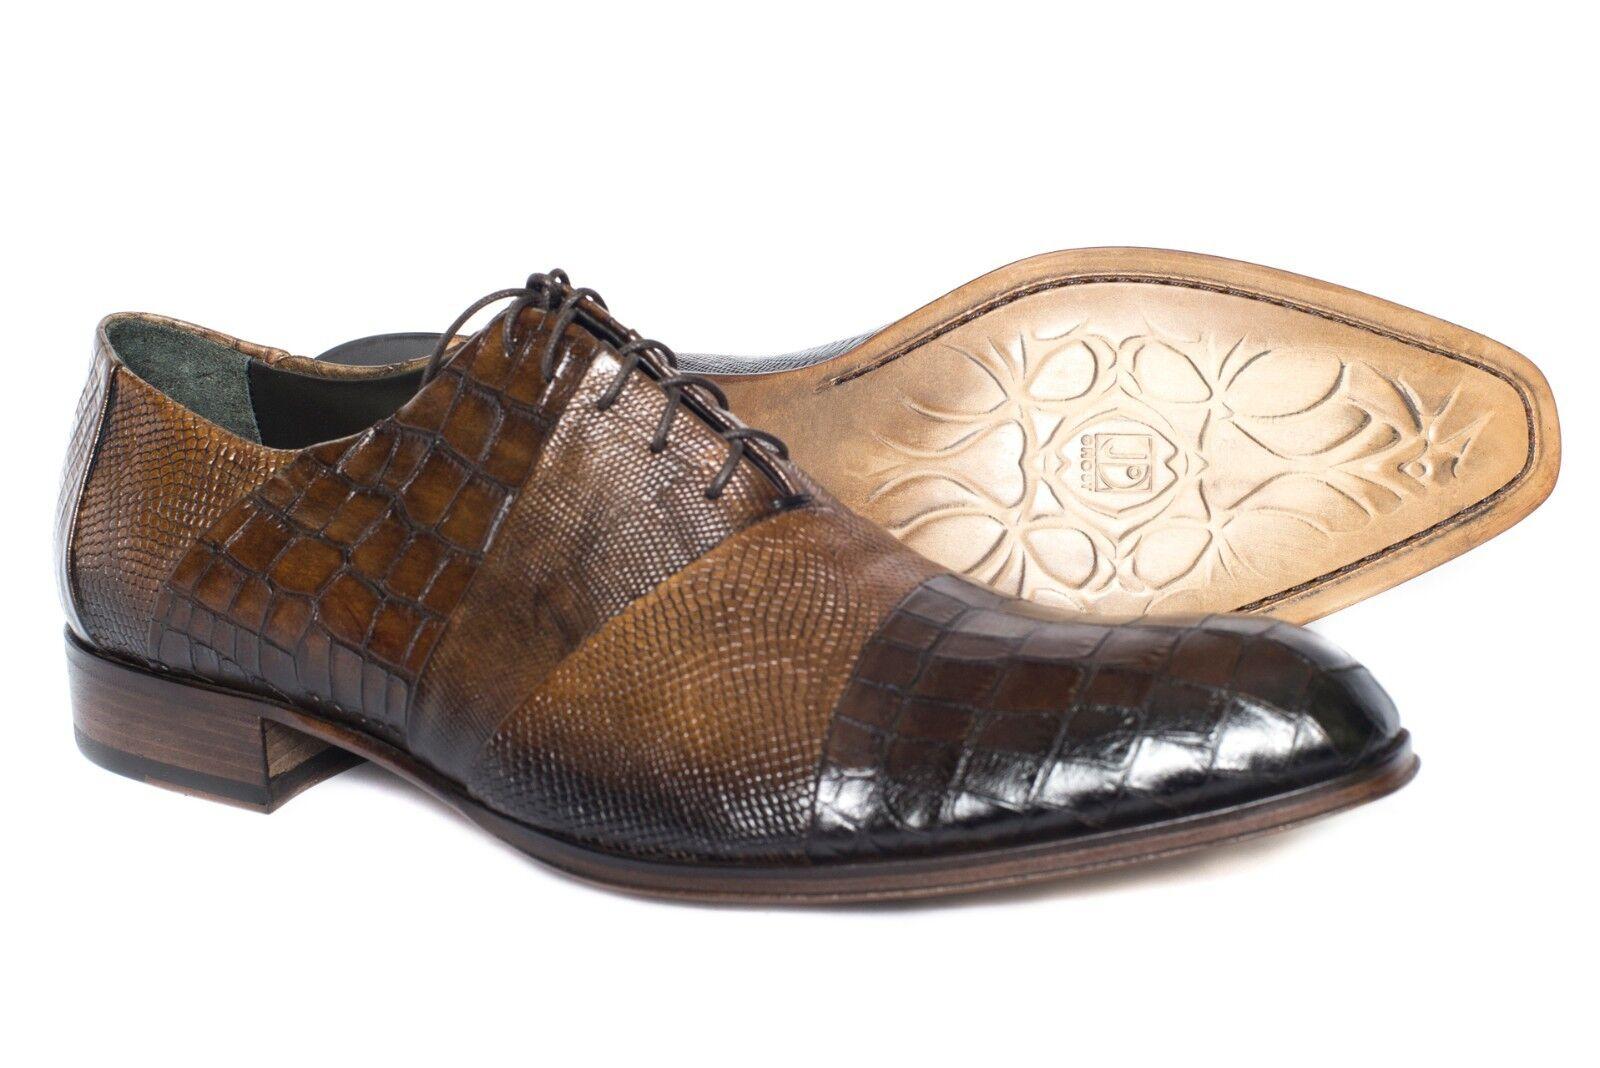 Zapatos de de Zapatos Cuero Jo Ghost 387916 Italiano Con Cordones Para hombre de impresión. ba60c5